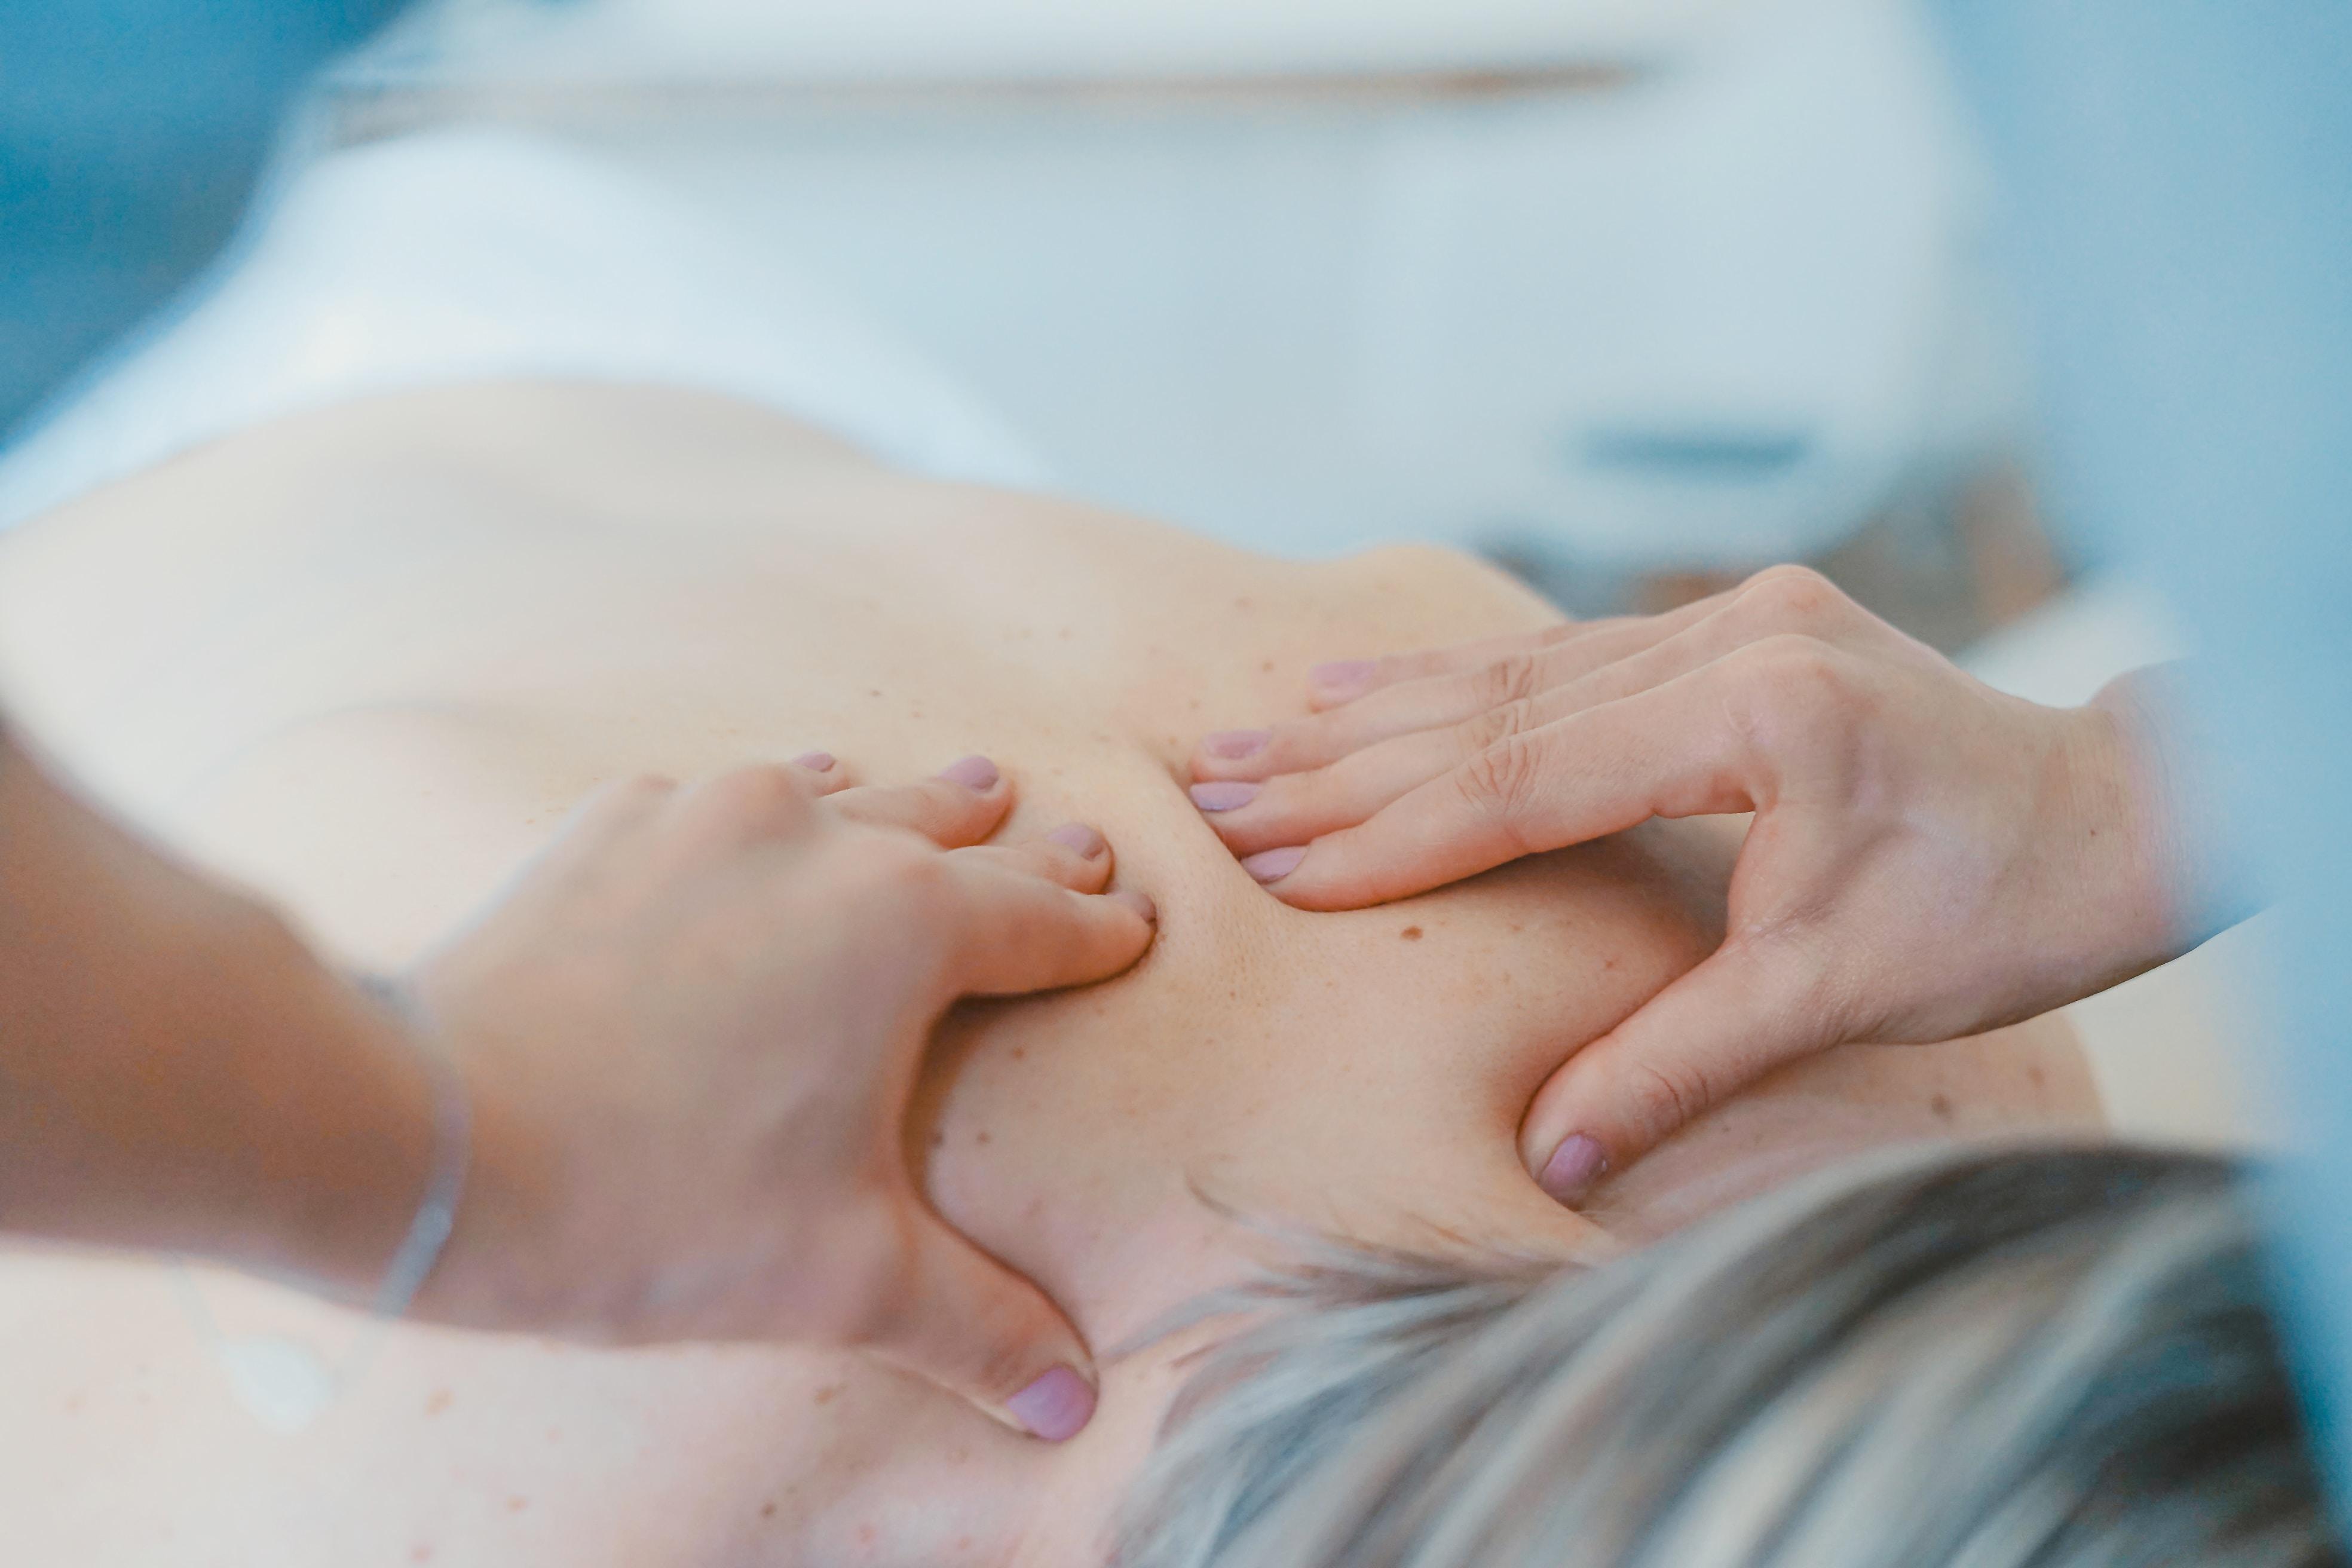 Masáž přinese úlevu a uvolnění